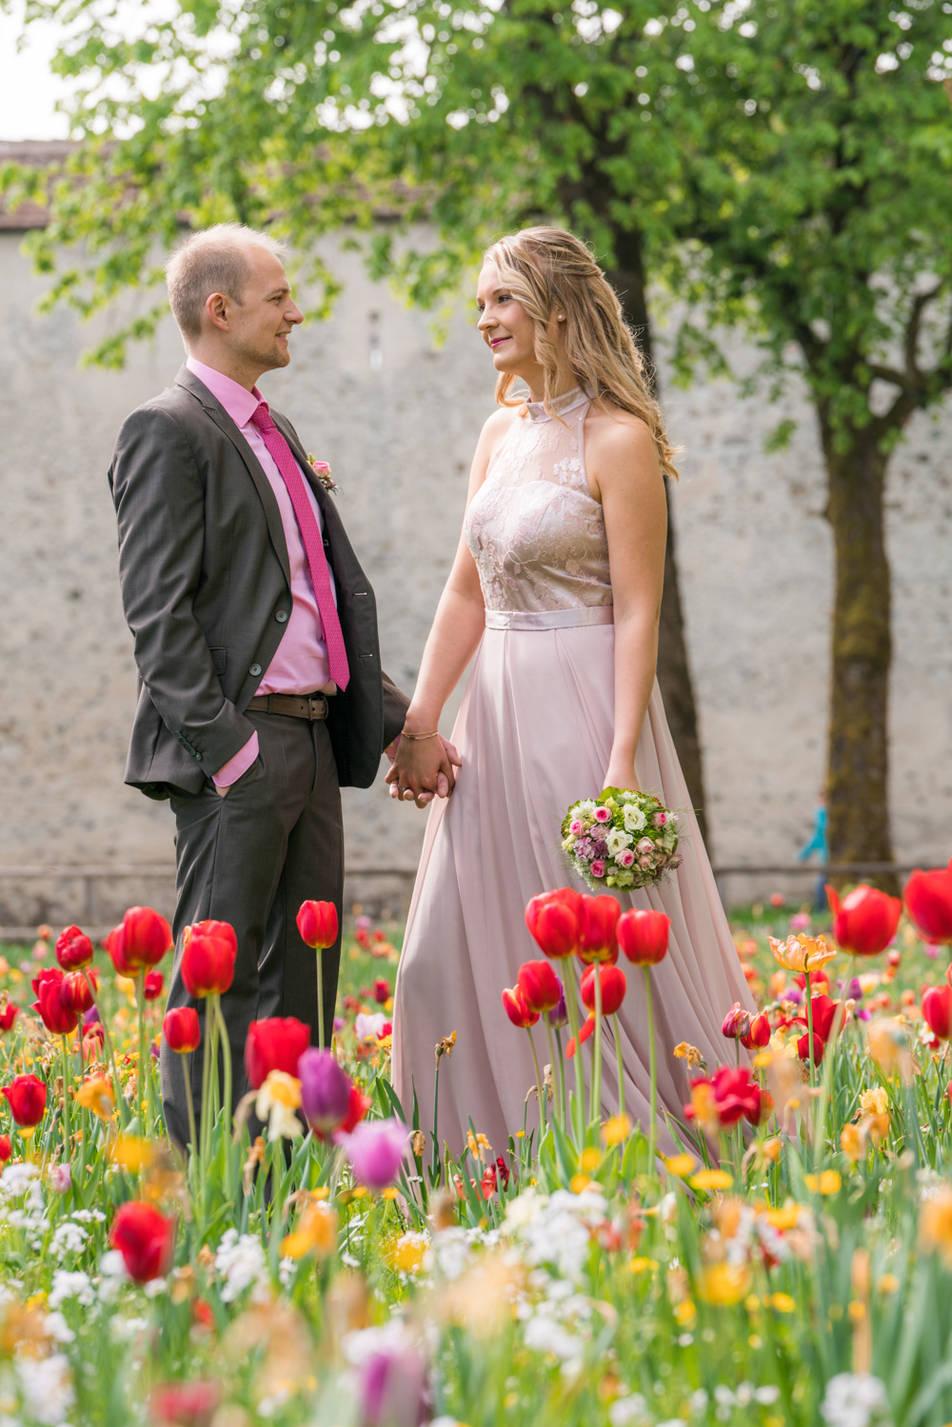 003-PhotoArt_Hochzeit.jpg